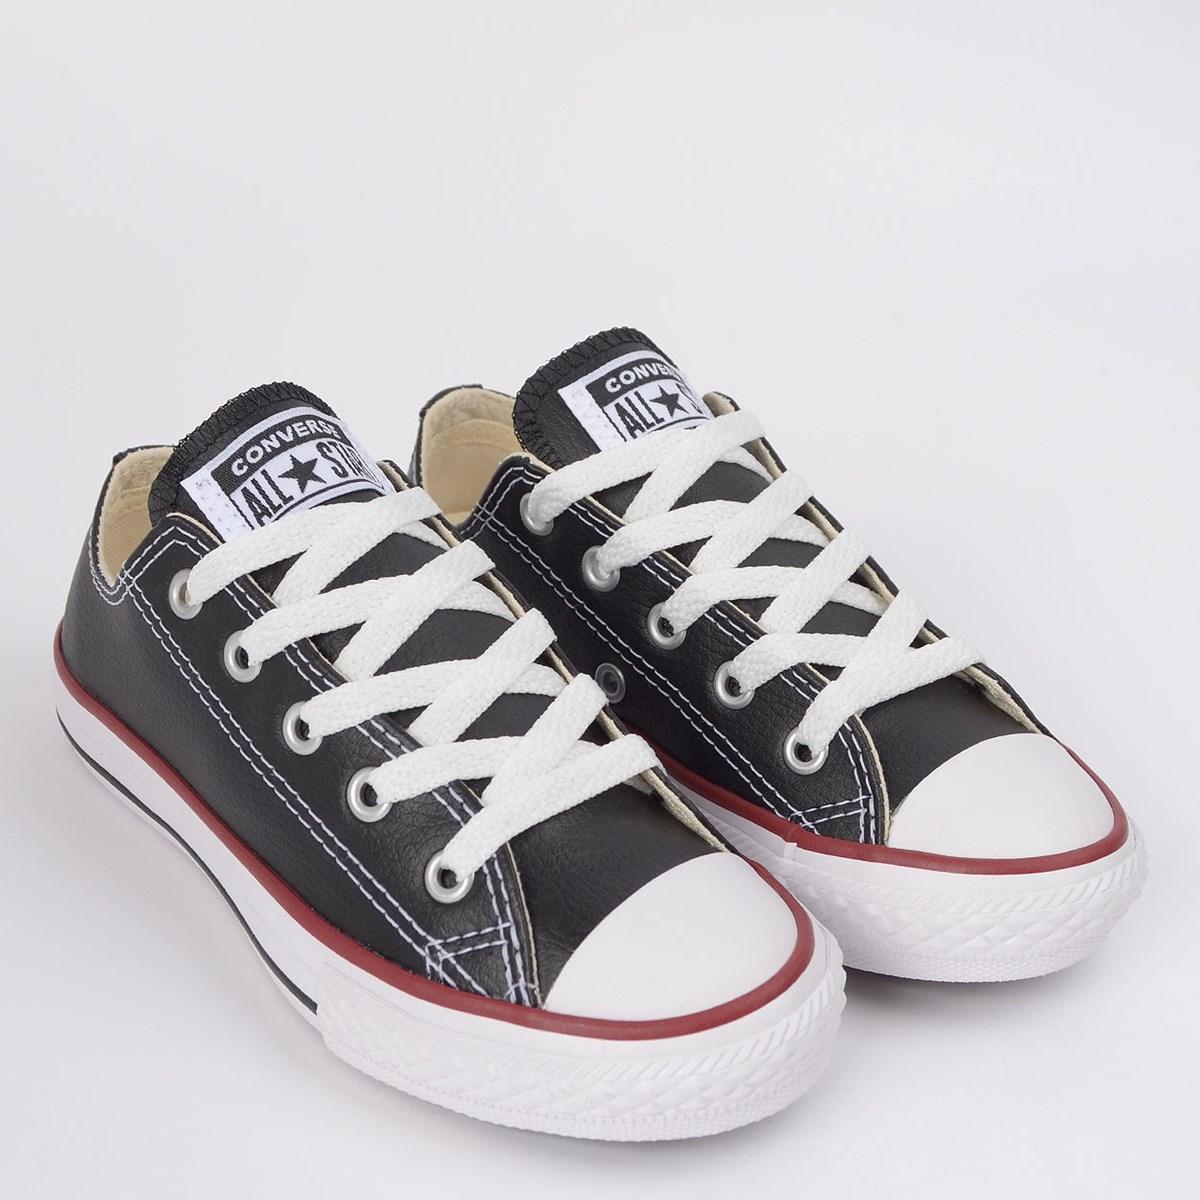 Tênis Converse Chuck Taylor All Star Kids Ox Preto Vermelho CK04200003